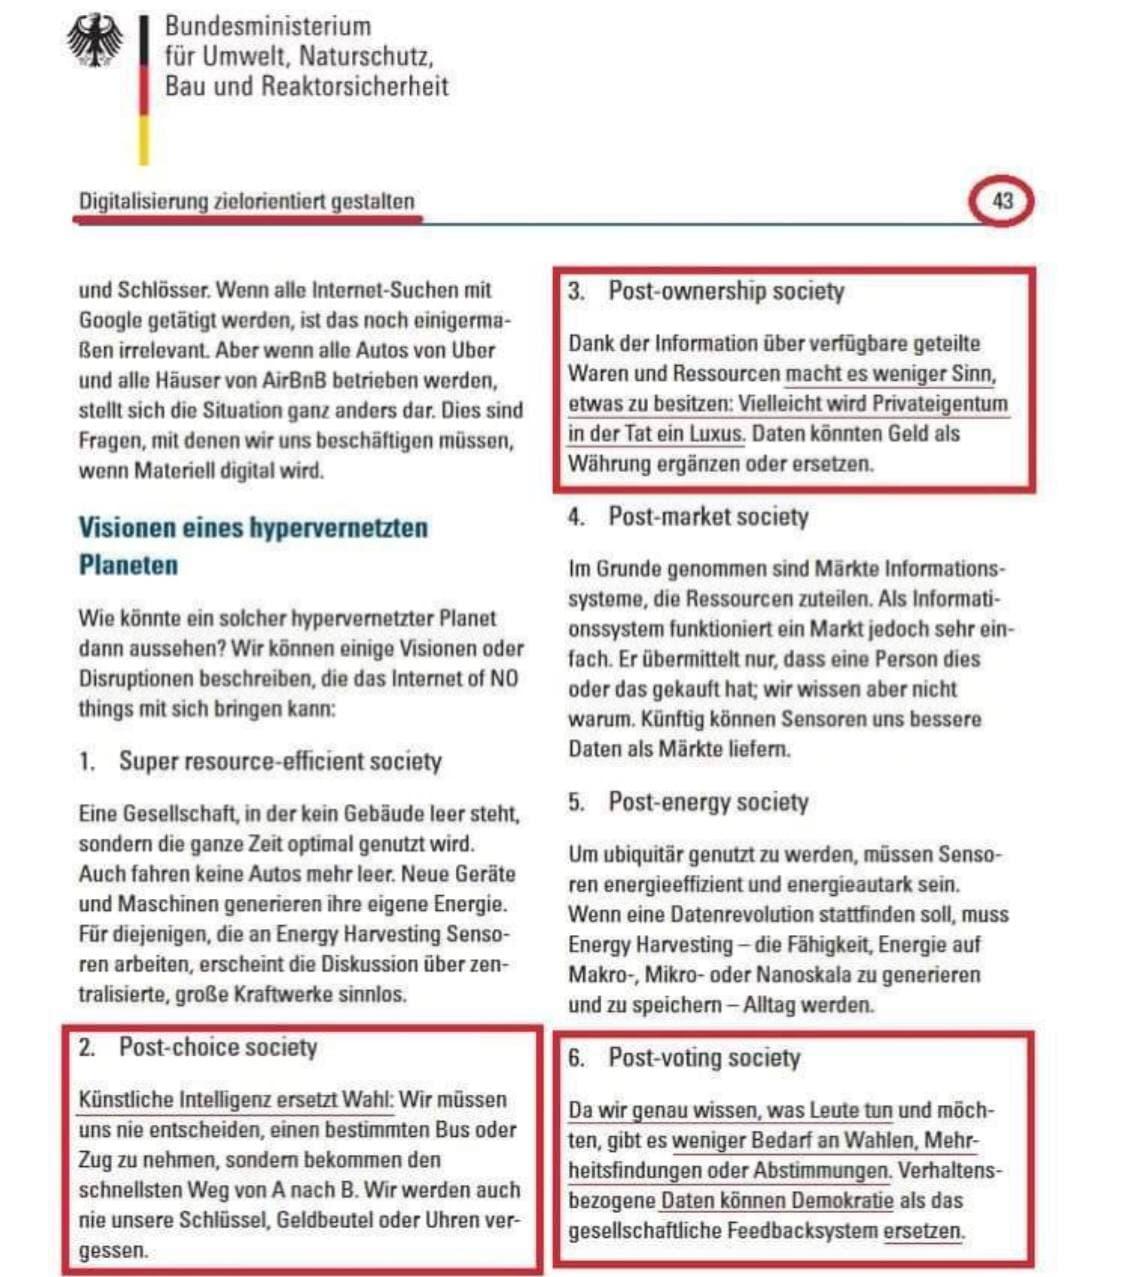 Smart City Charta